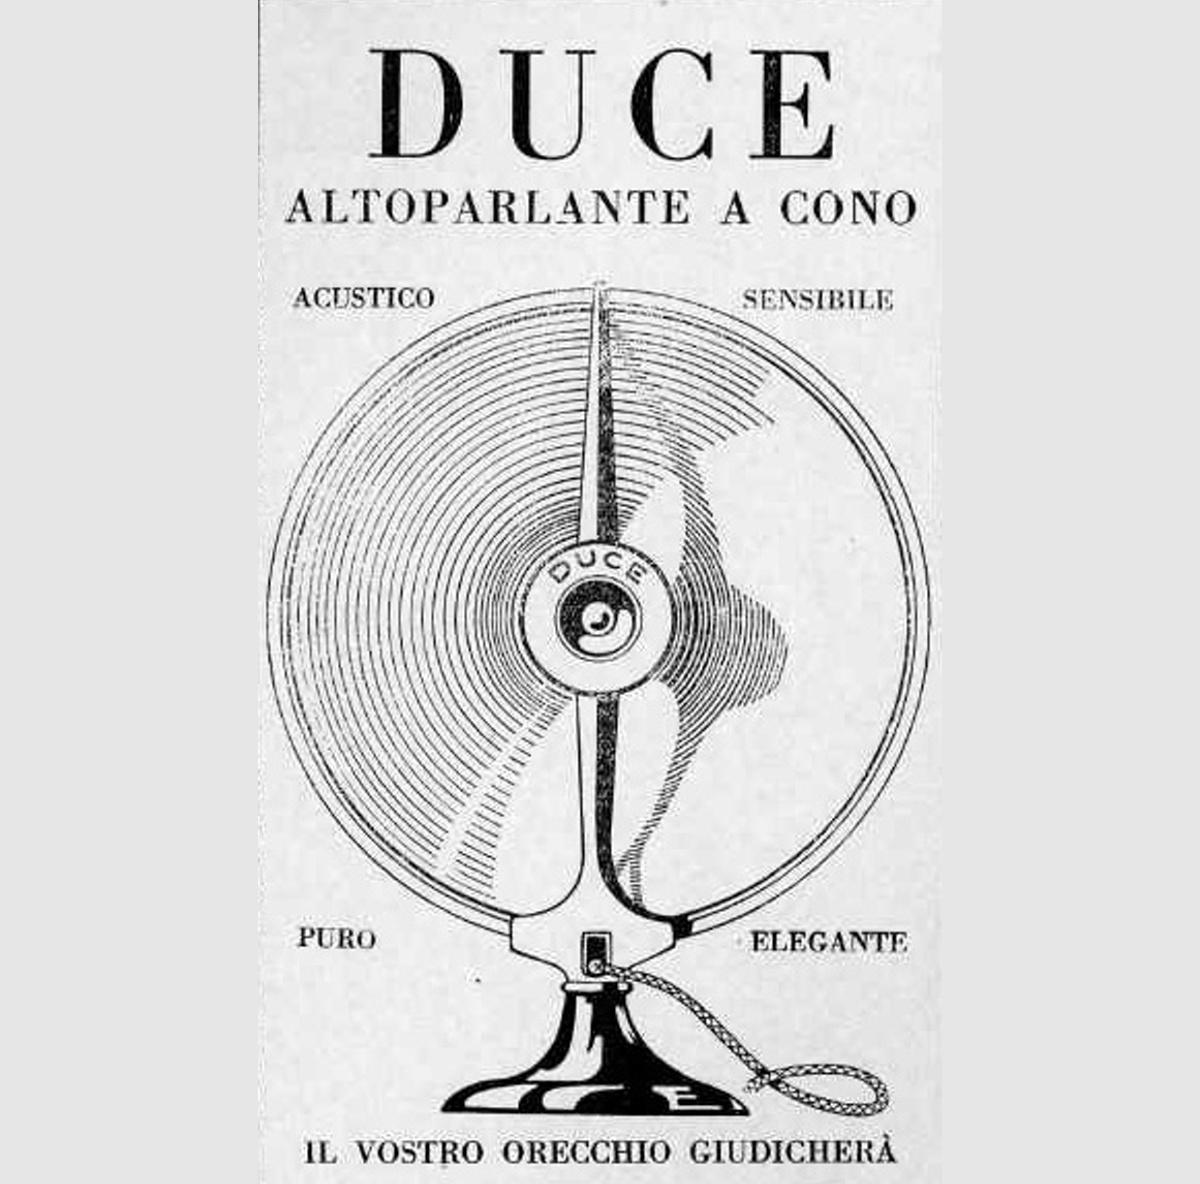 Altoparlante Duce, anni 20, realizzato in onore al Benito Mussolini